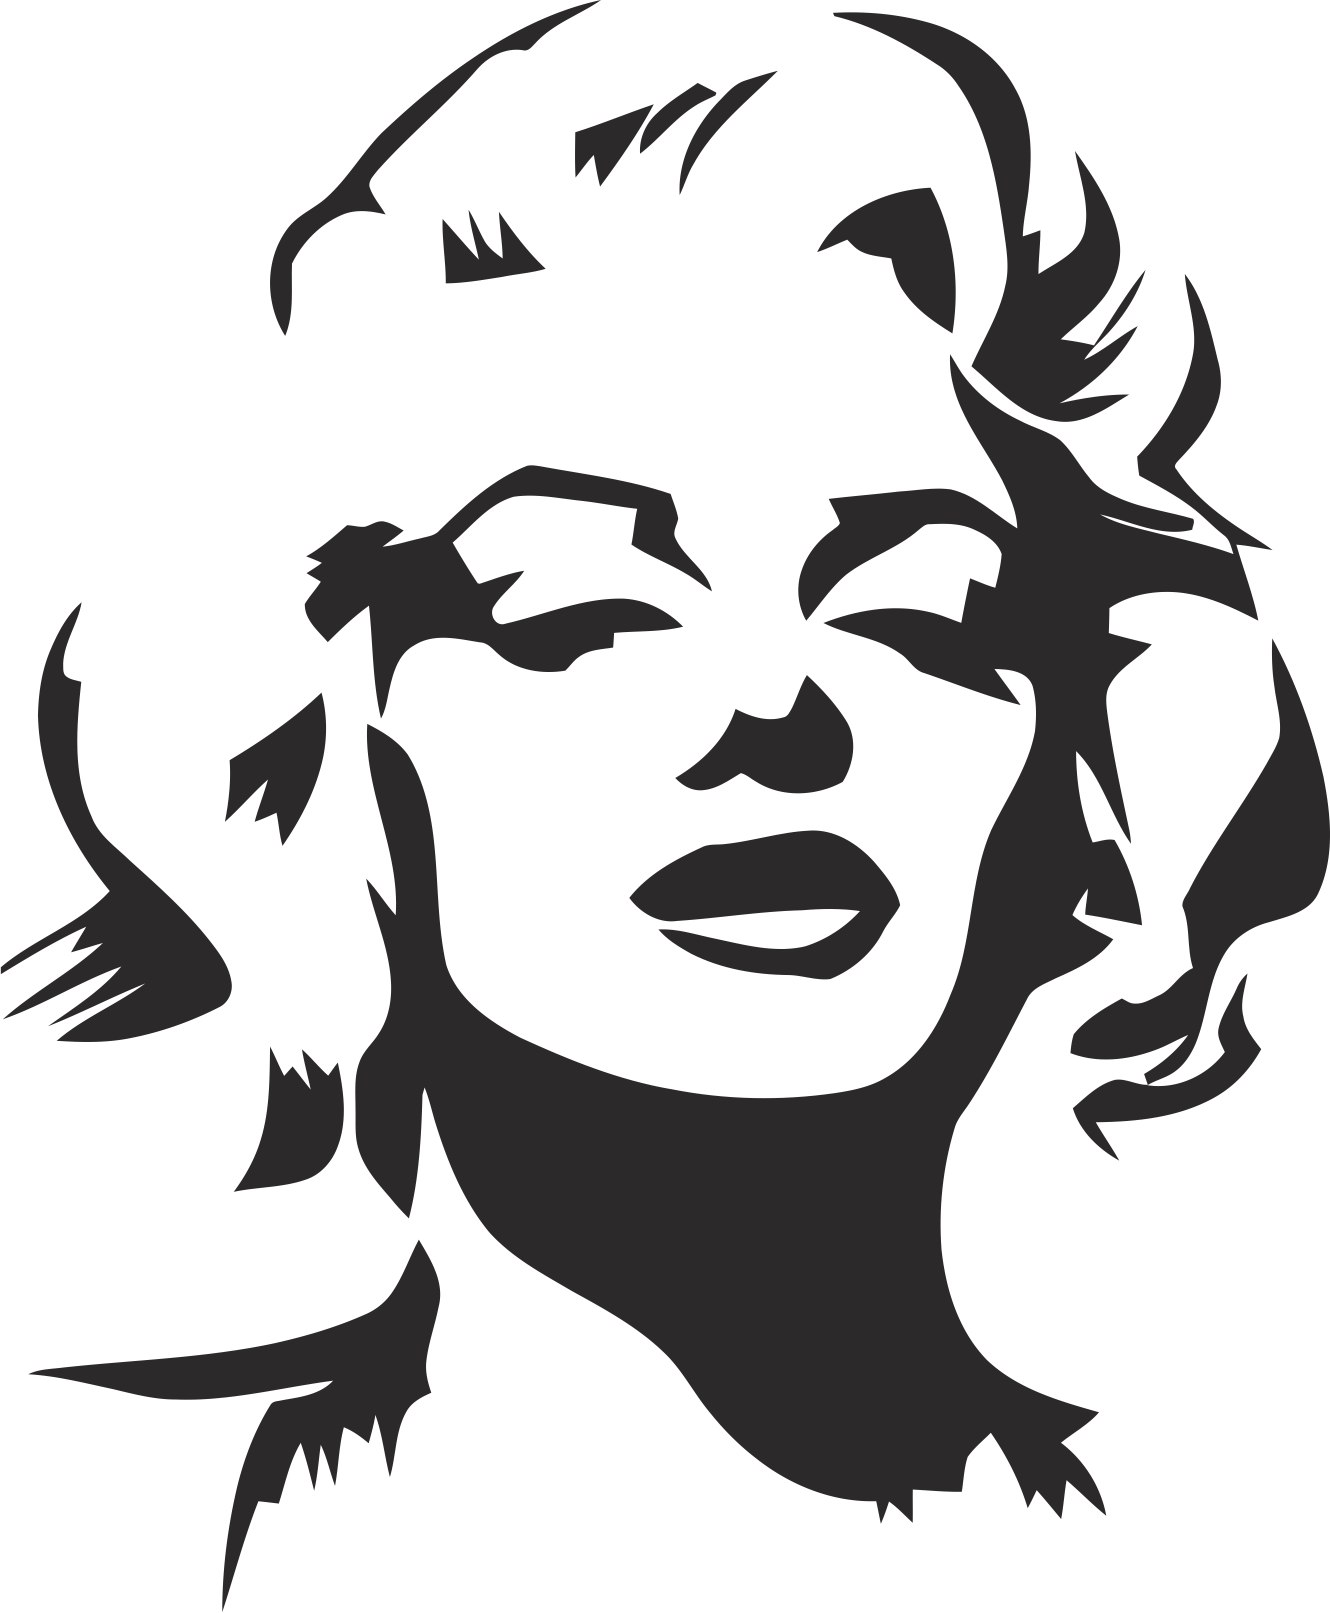 1330x1613 Marilyn Monroe Stencil Vector Free Vector Download